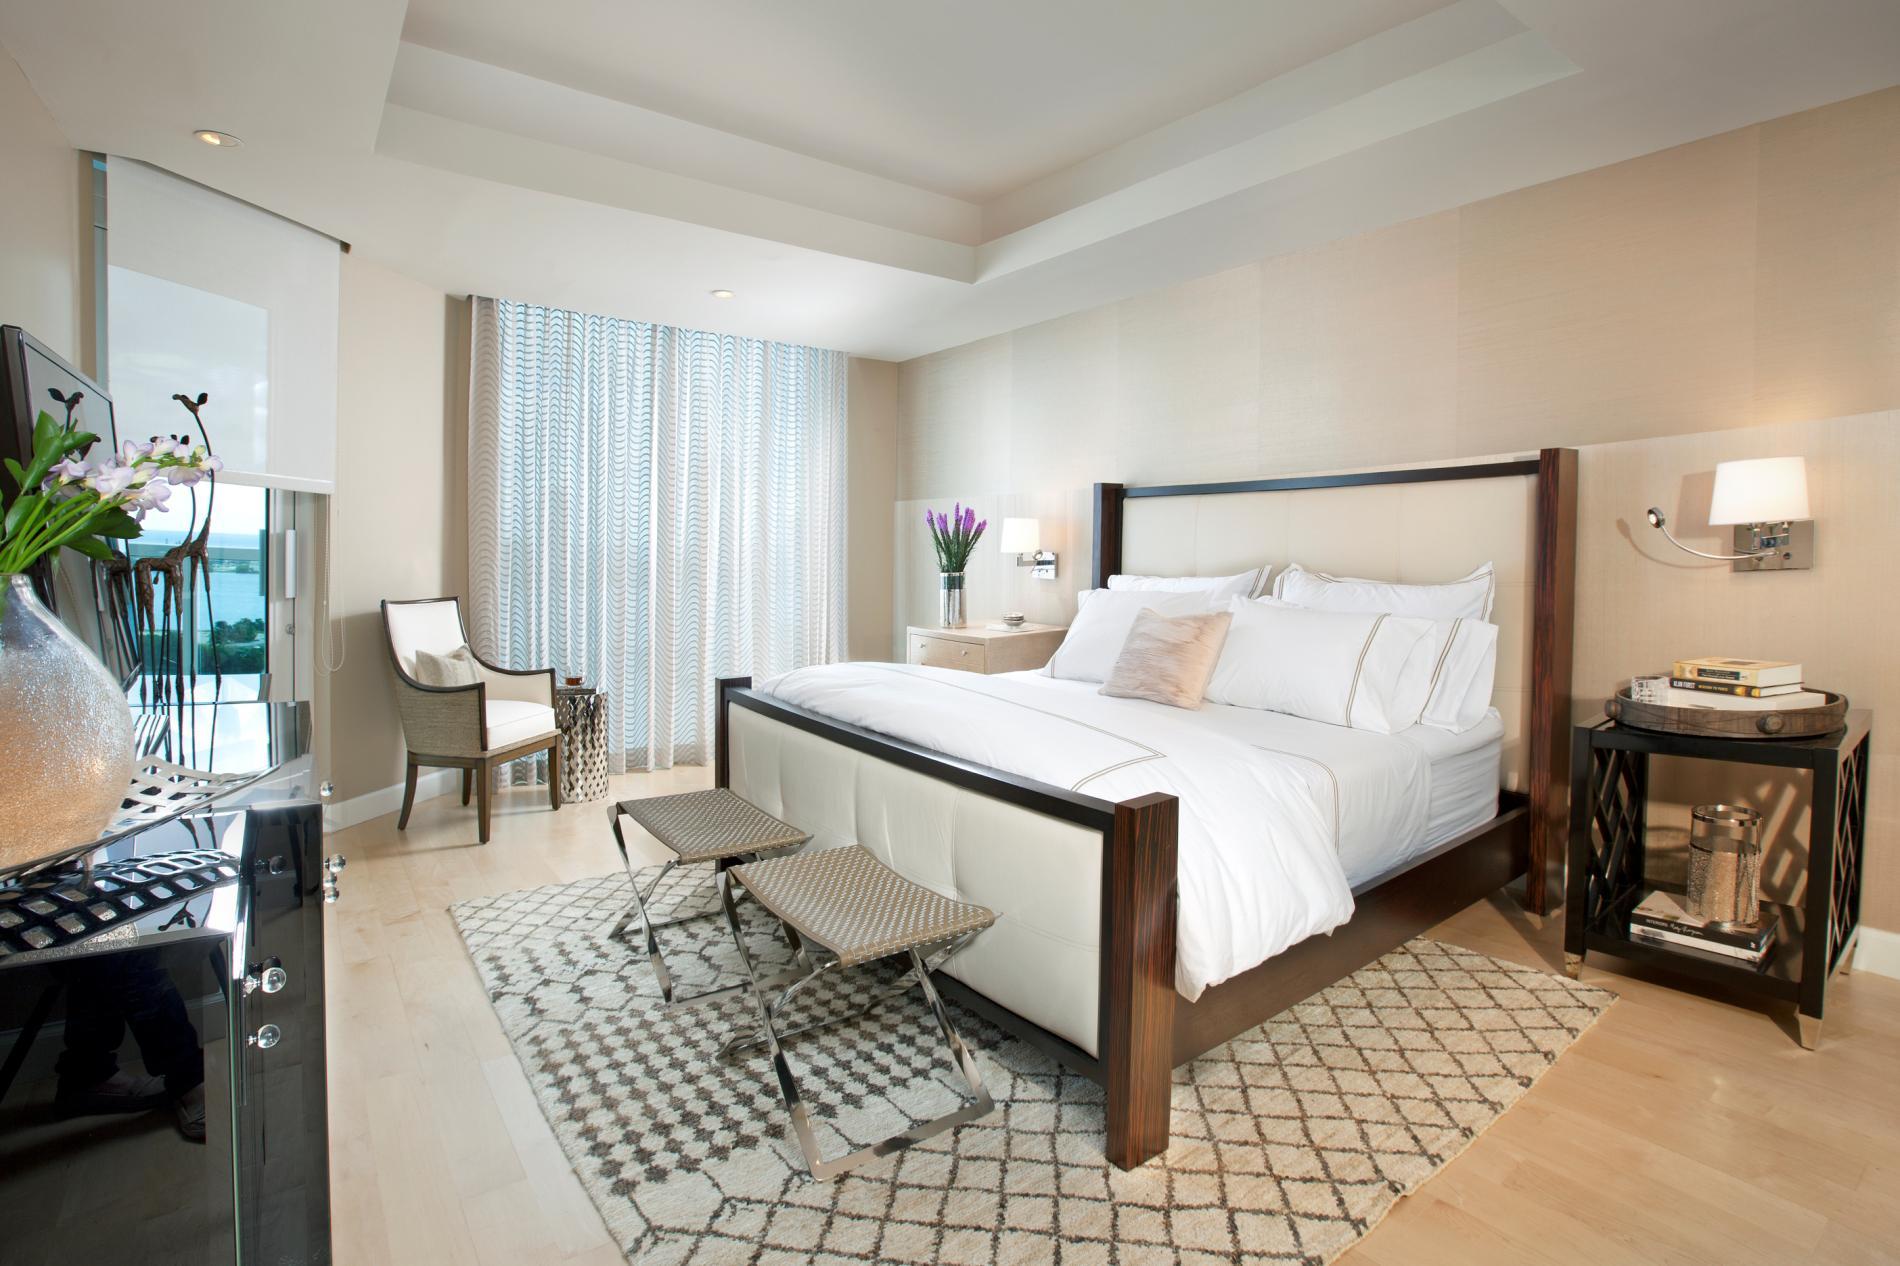 дизайн интрерьера спальни 4.jpg